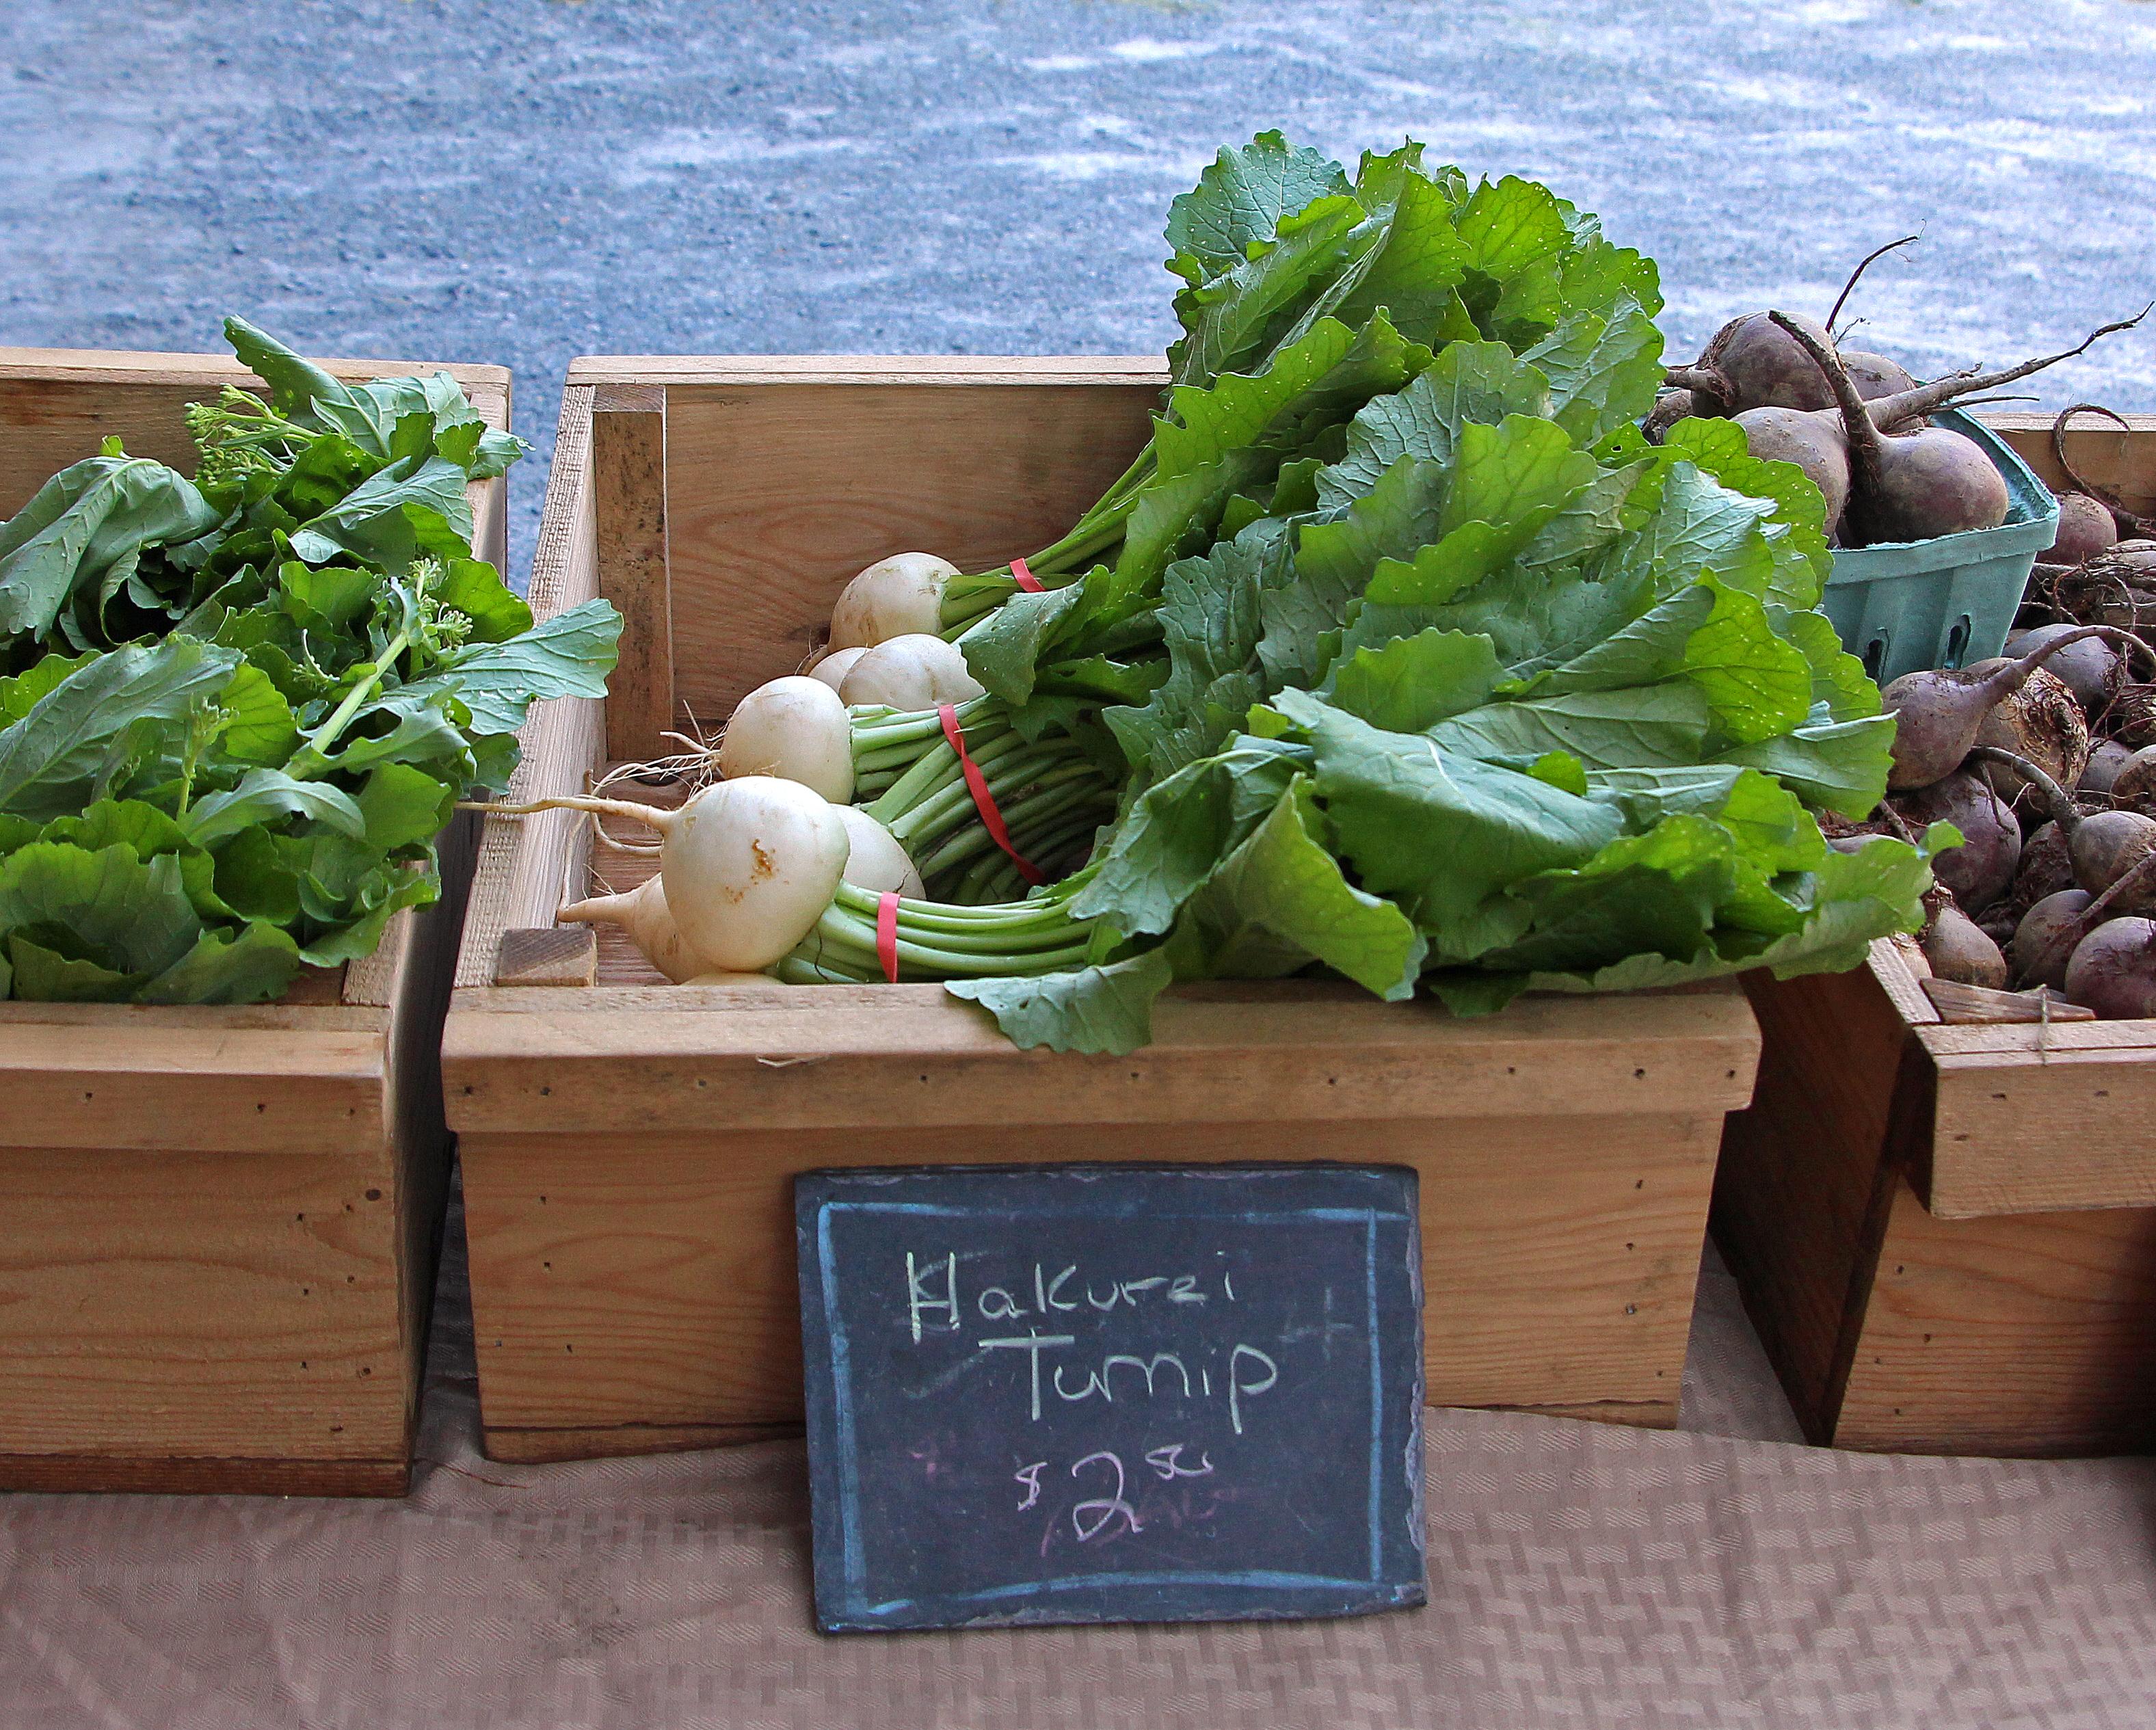 Hakurei Turnips at Saratoga Farmers' Market